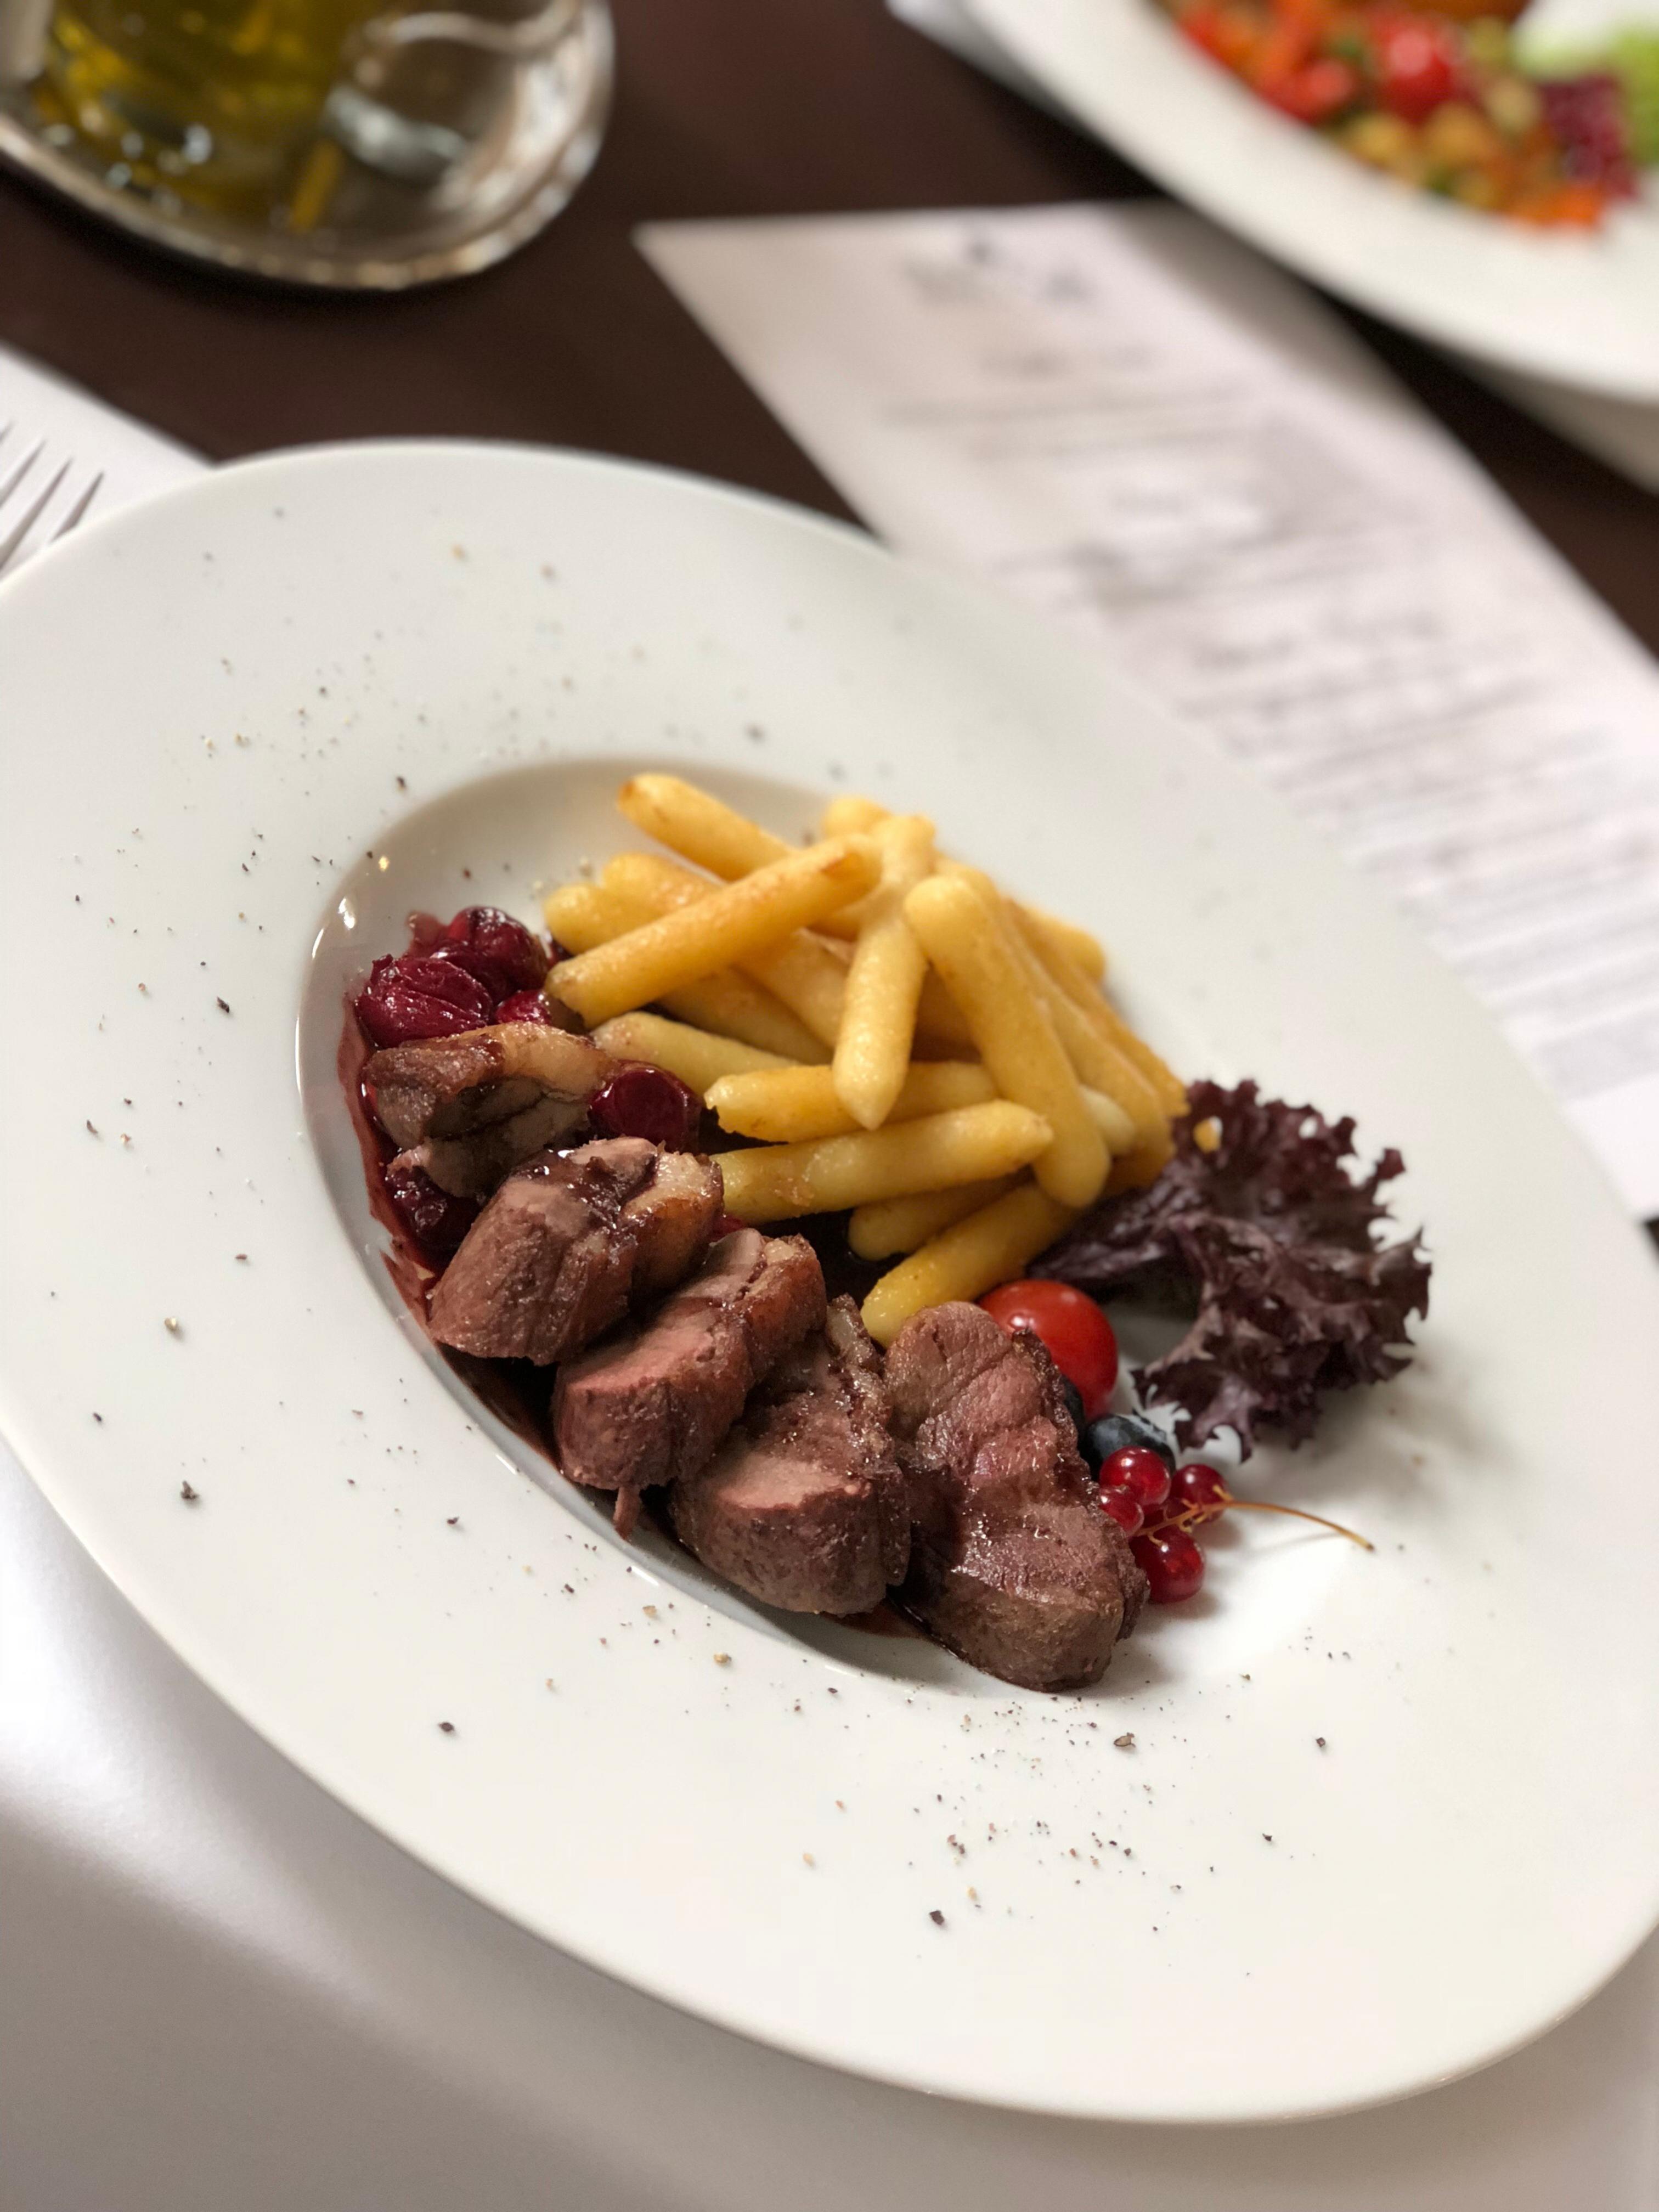 Reštaurácia Grand Hotel Sole **** Kačacie prsia Barberie s restovanými šúlancami.